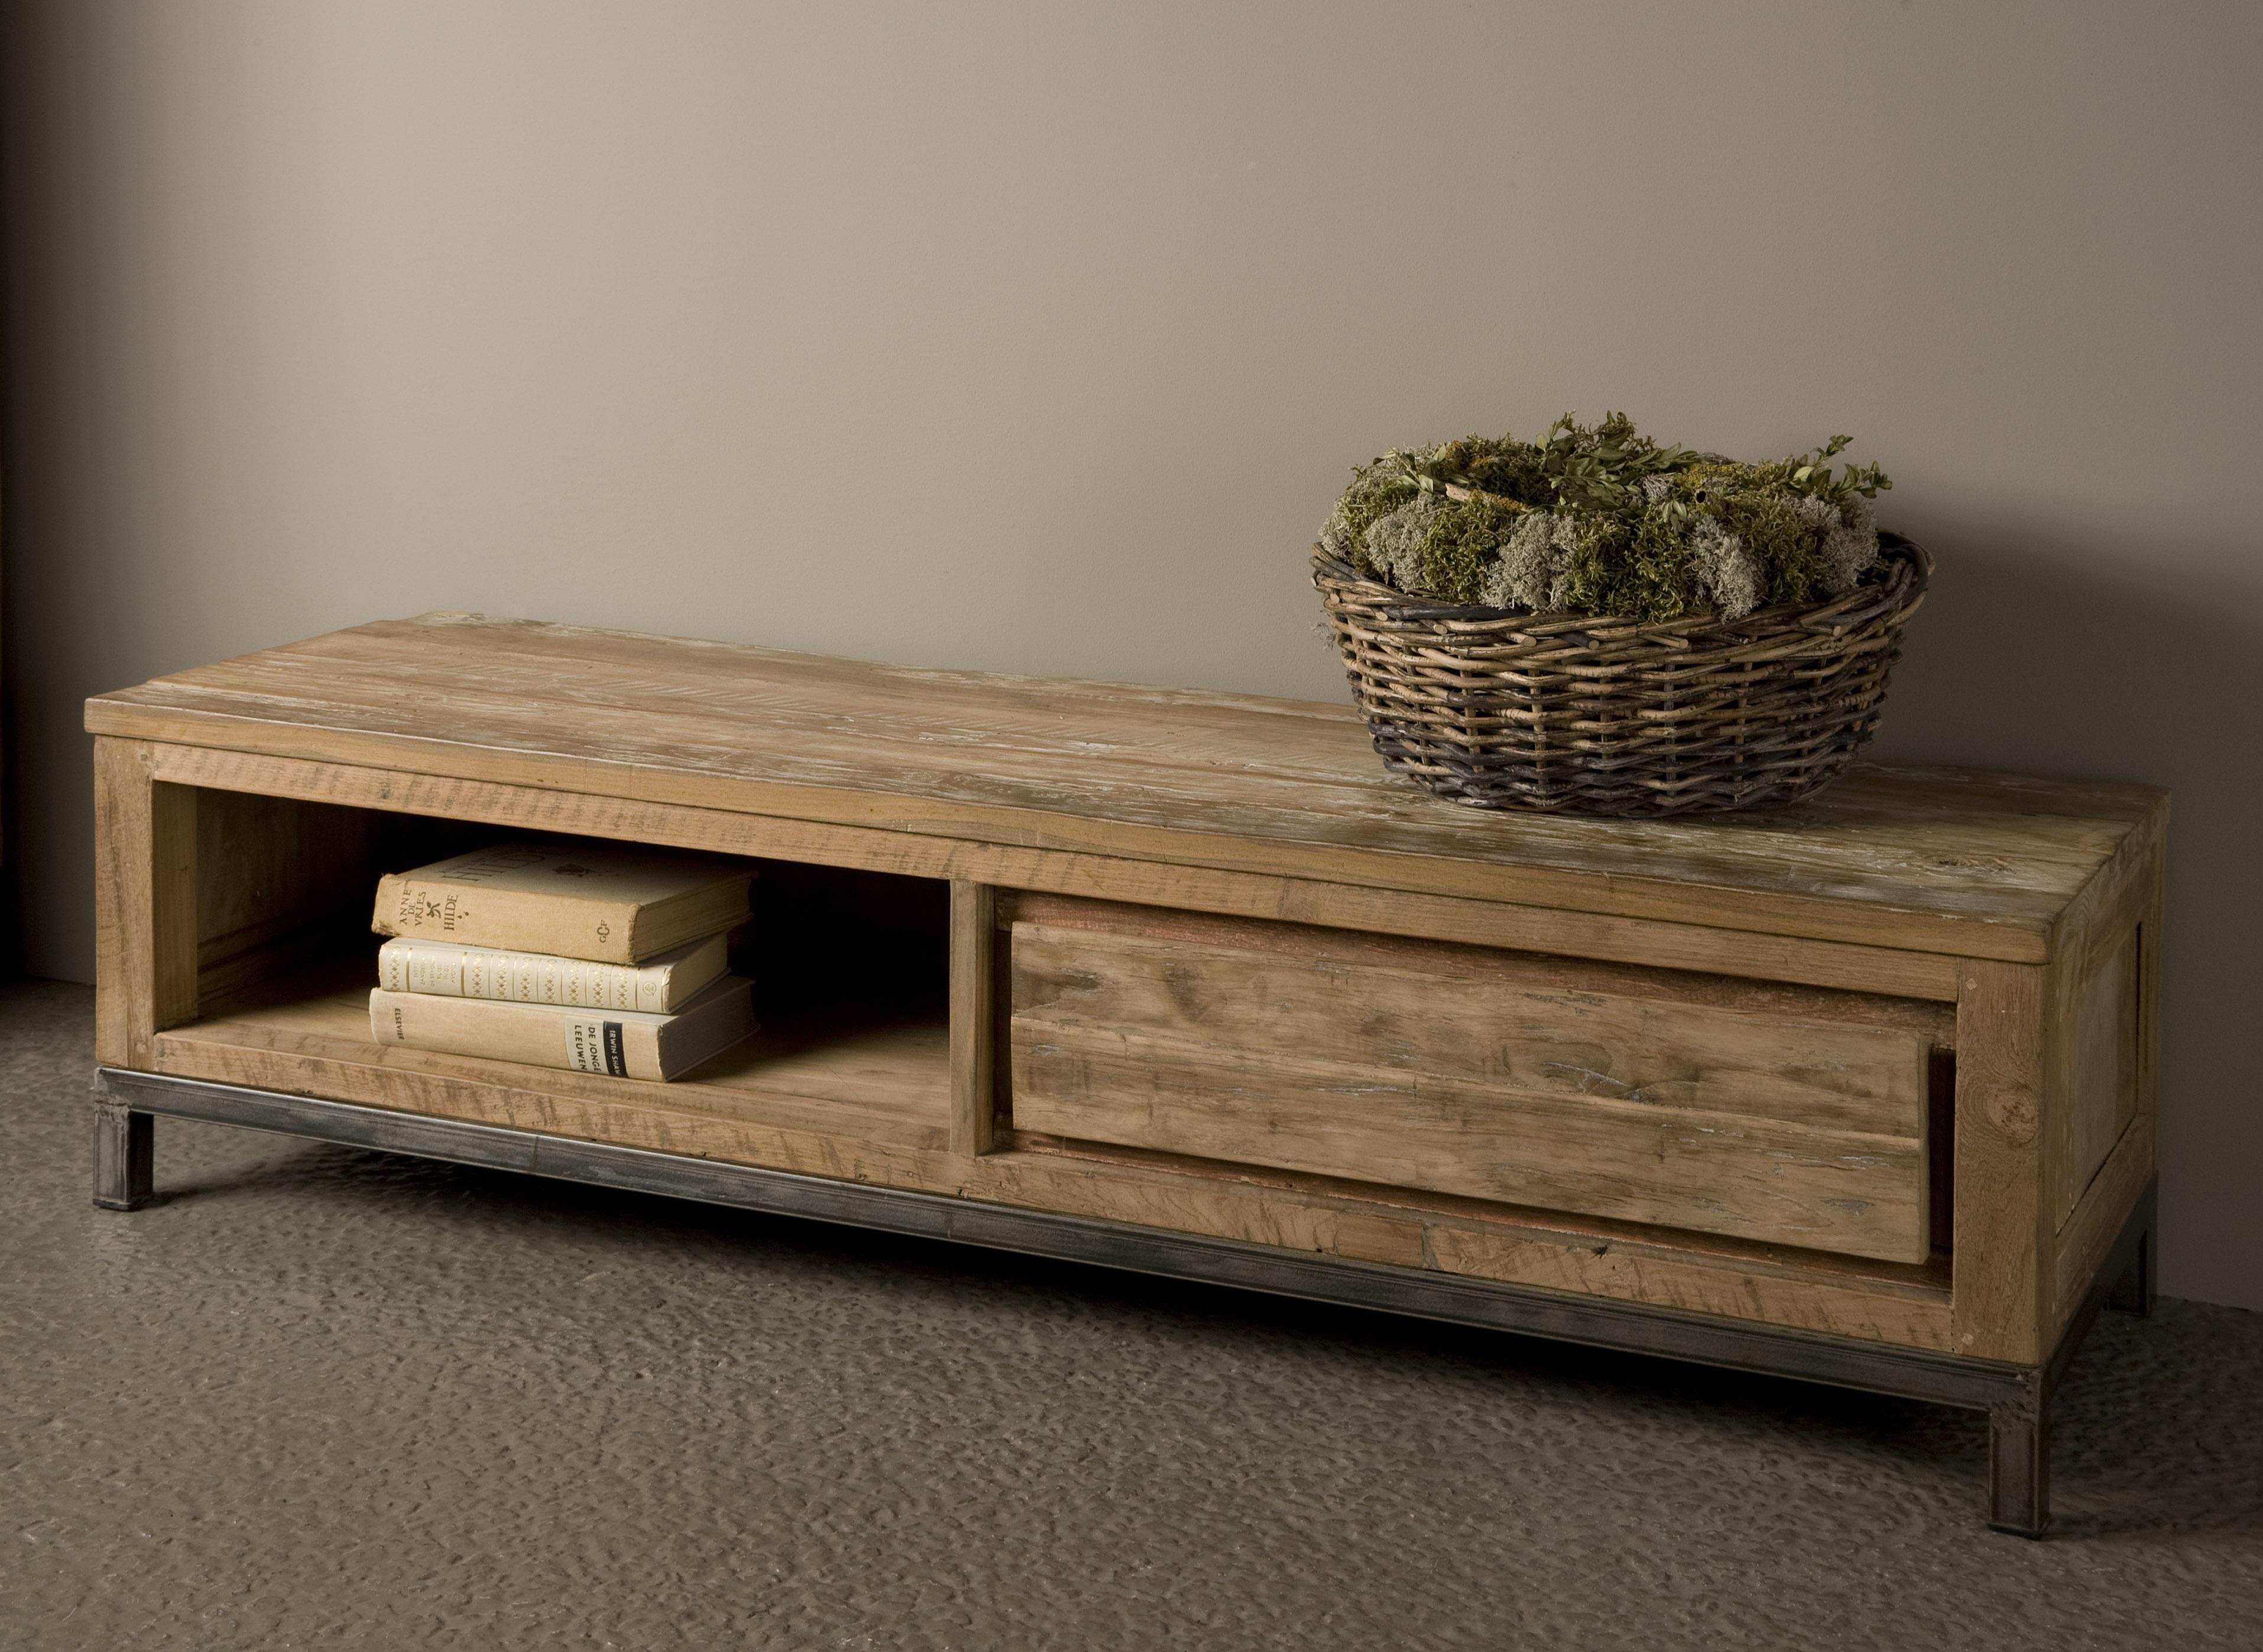 Markus john chester tv meubel oud teak staal 140cm for Meubels teak